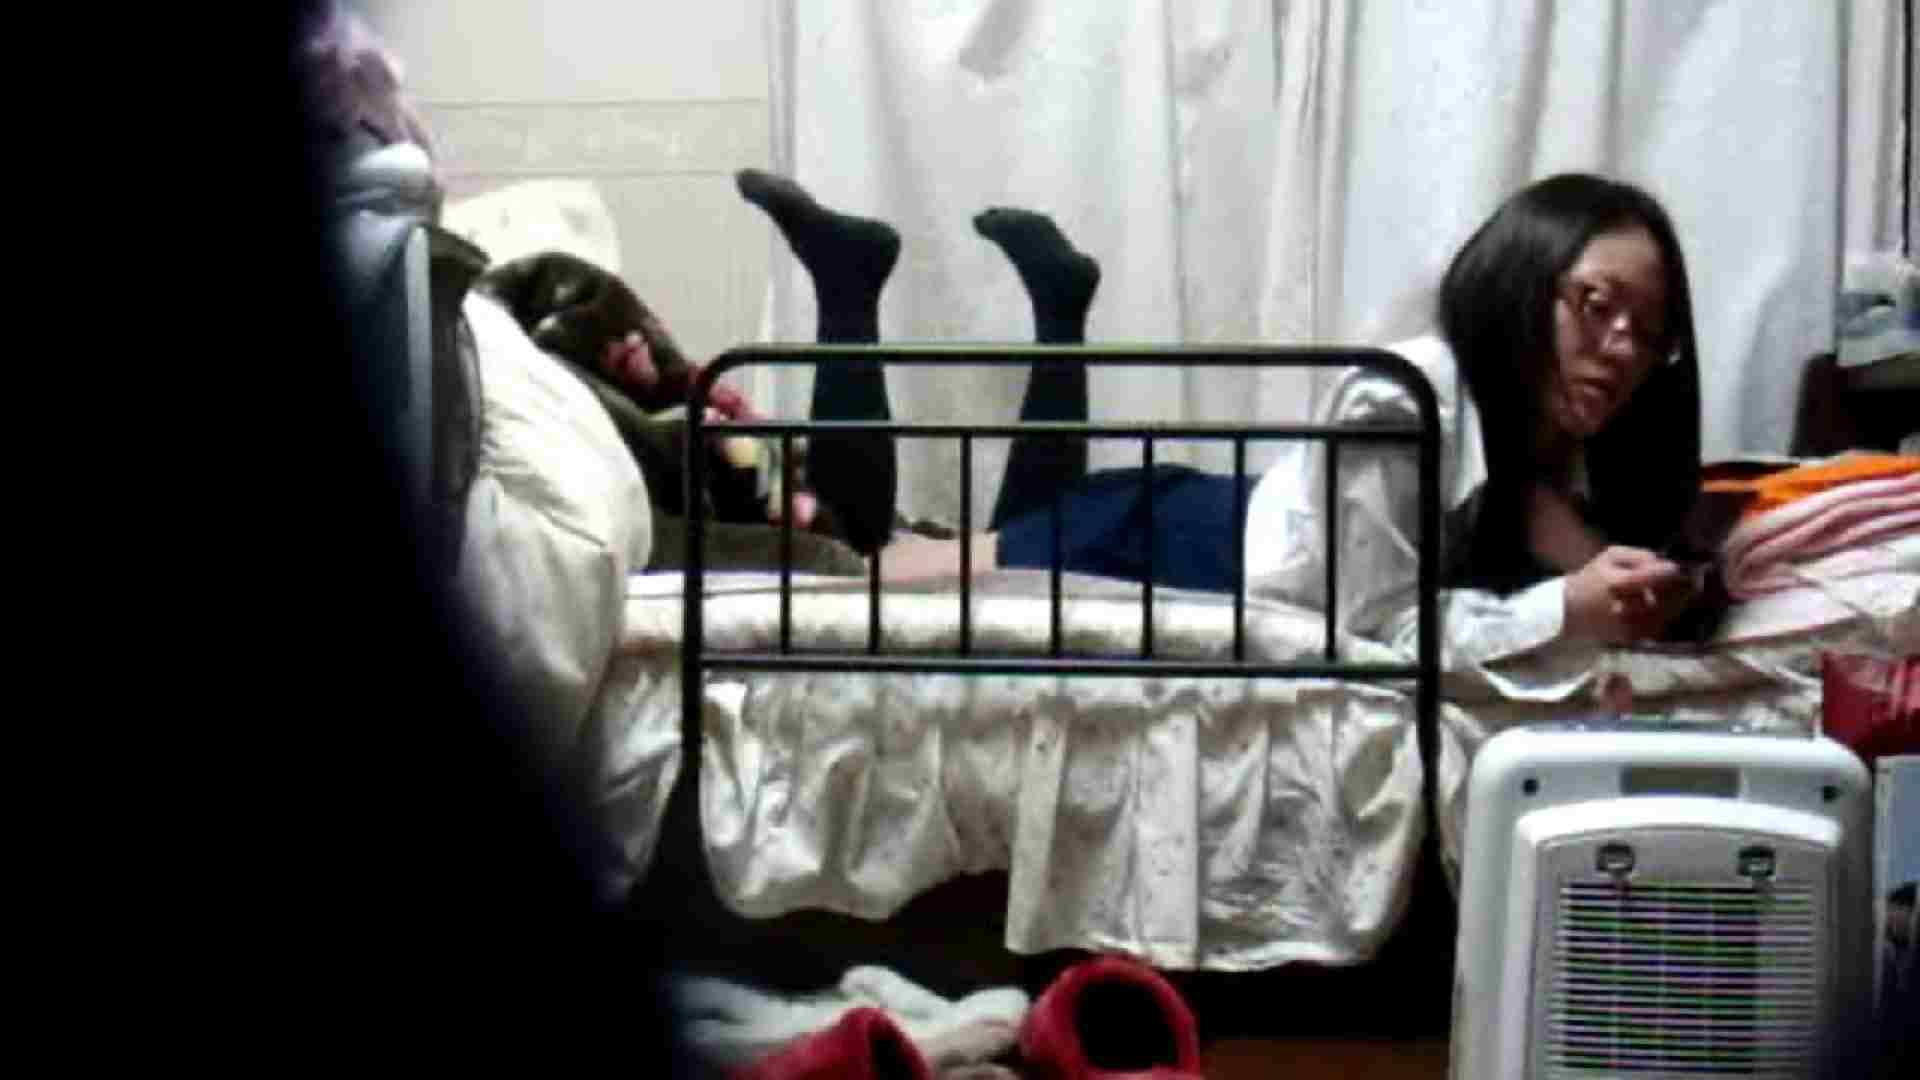 vol.4 まどかの帰宅後の部屋、ベッドで何かが始まります。 ギャル攻め | オナニーシーン  100画像 49